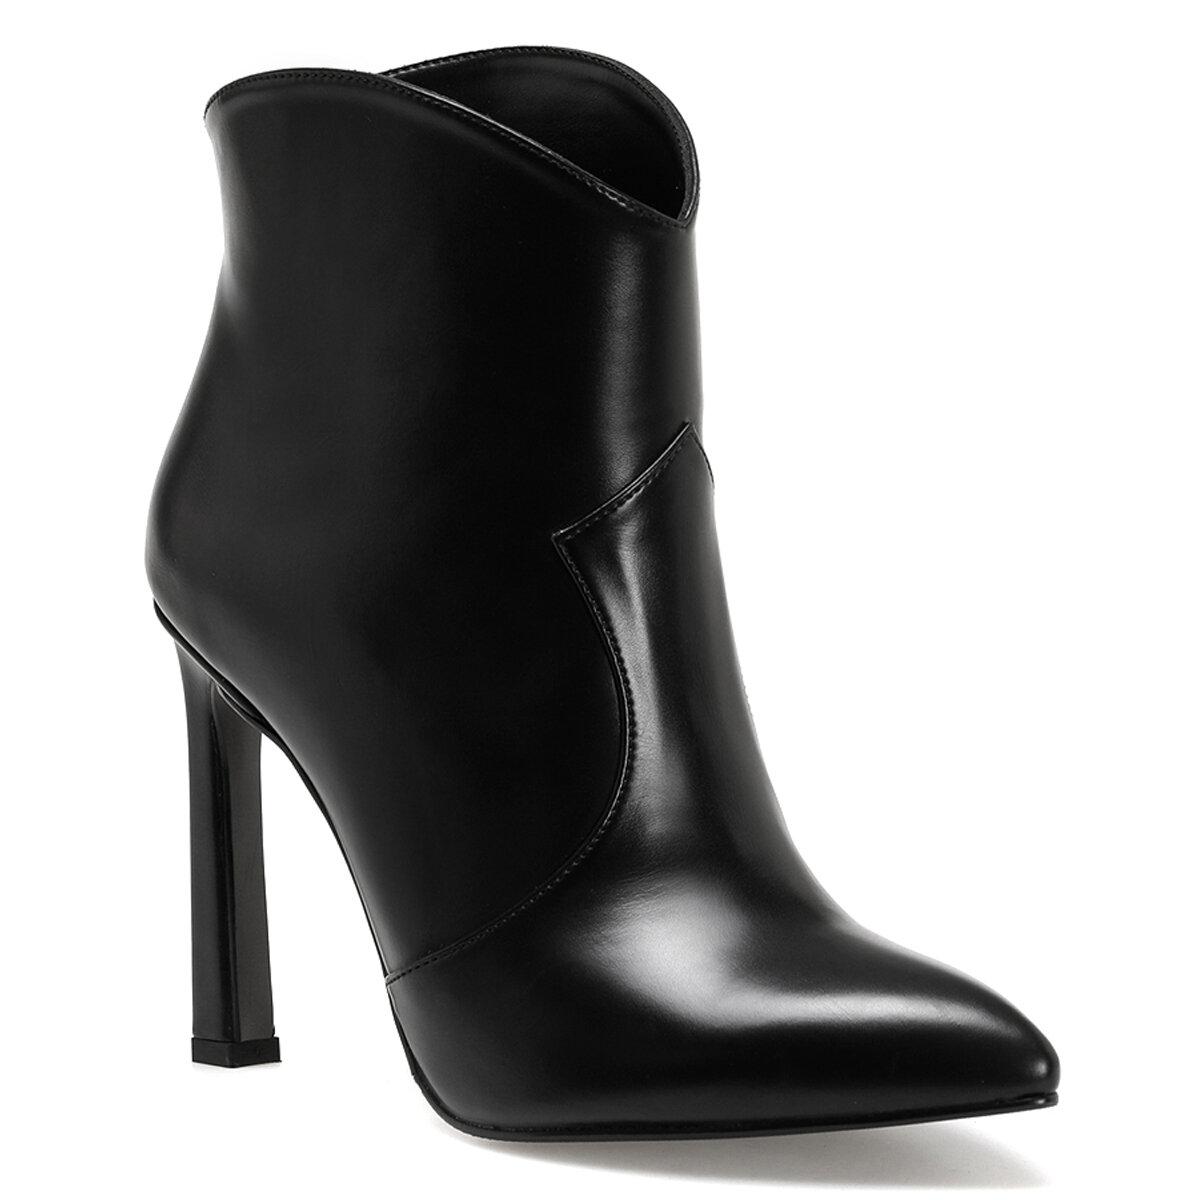 RUSSO Siyah Kadın Topuklu Bot